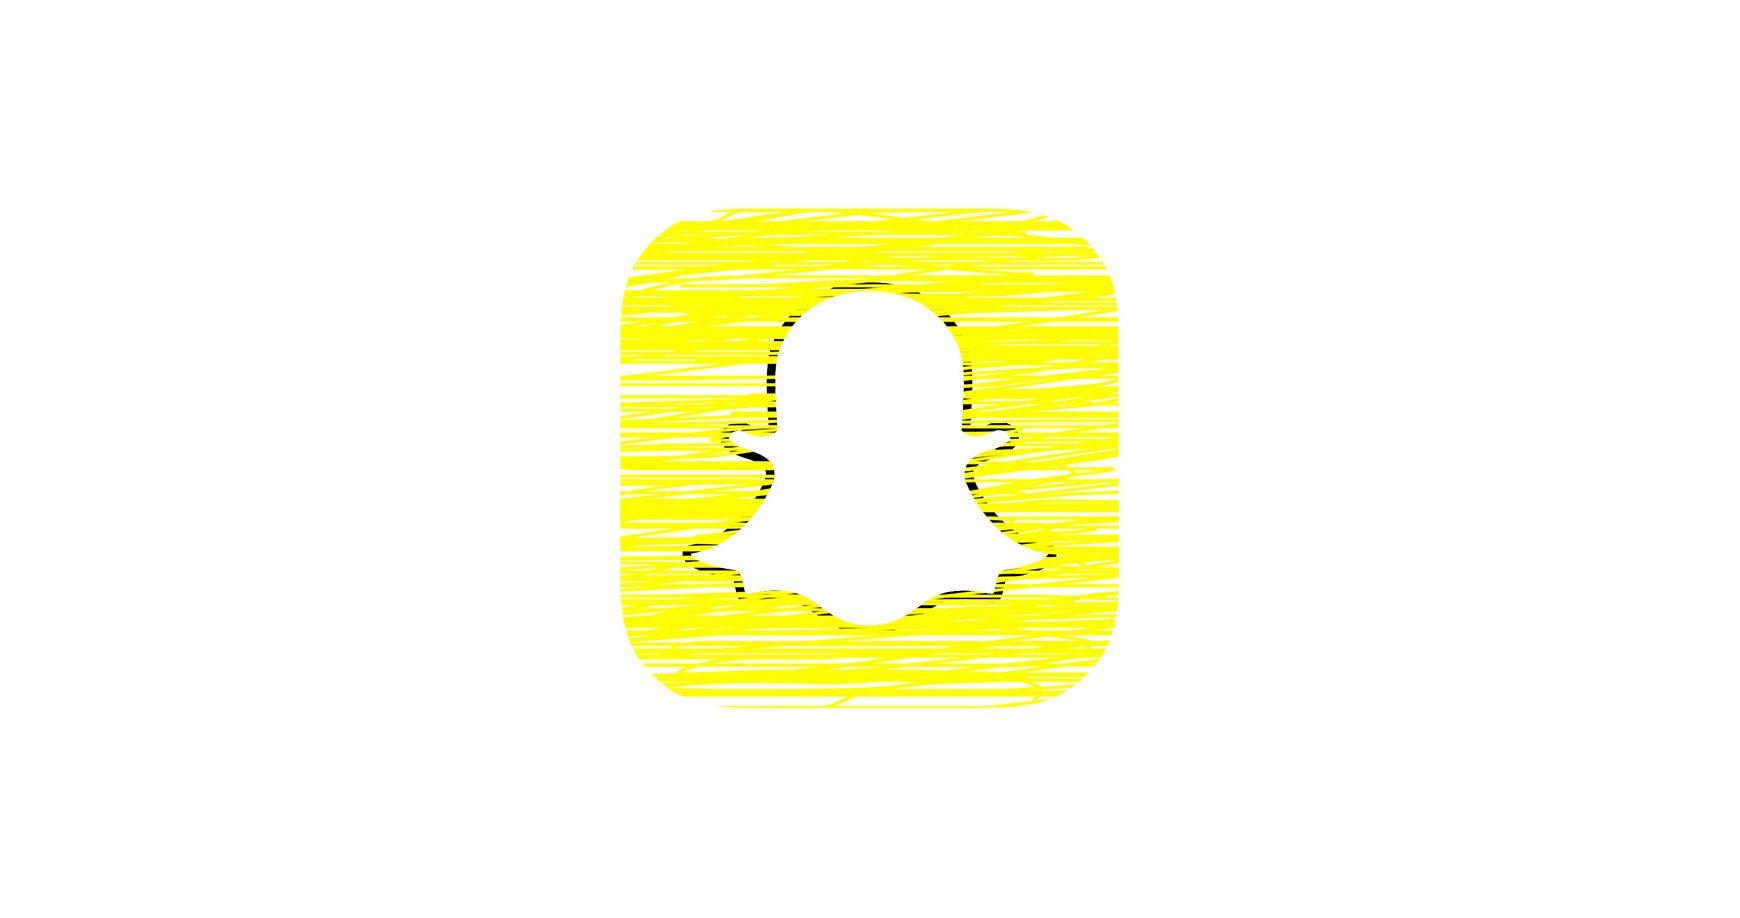 Zamestnanci Snapchatu špehovali používateľov aplikácie